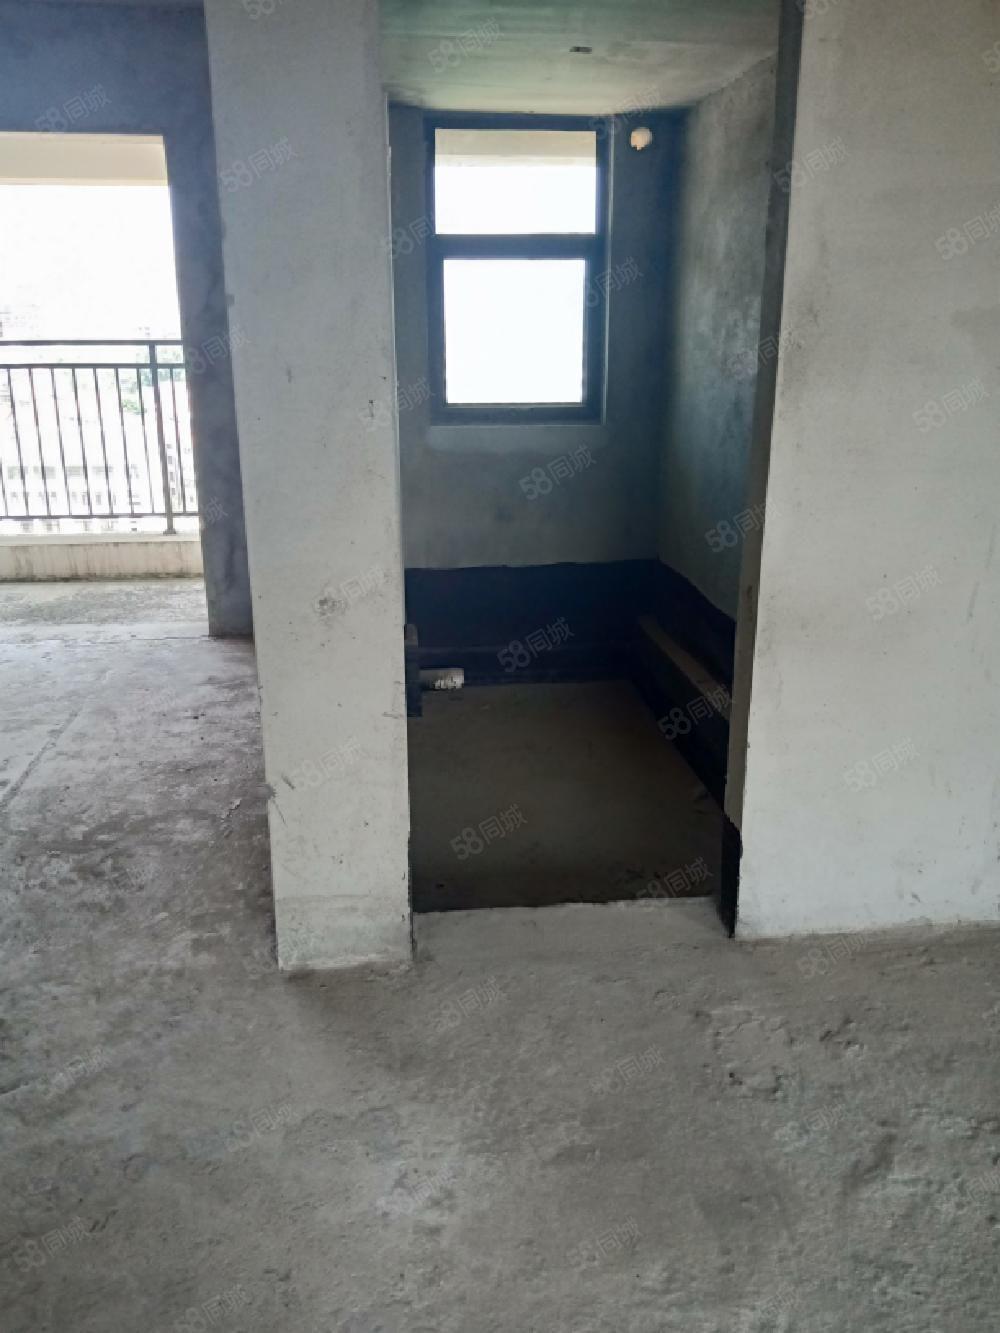 獨家房源,開發區,東坡旁,湖光月色南北通透毛坯三房,有鑰匙